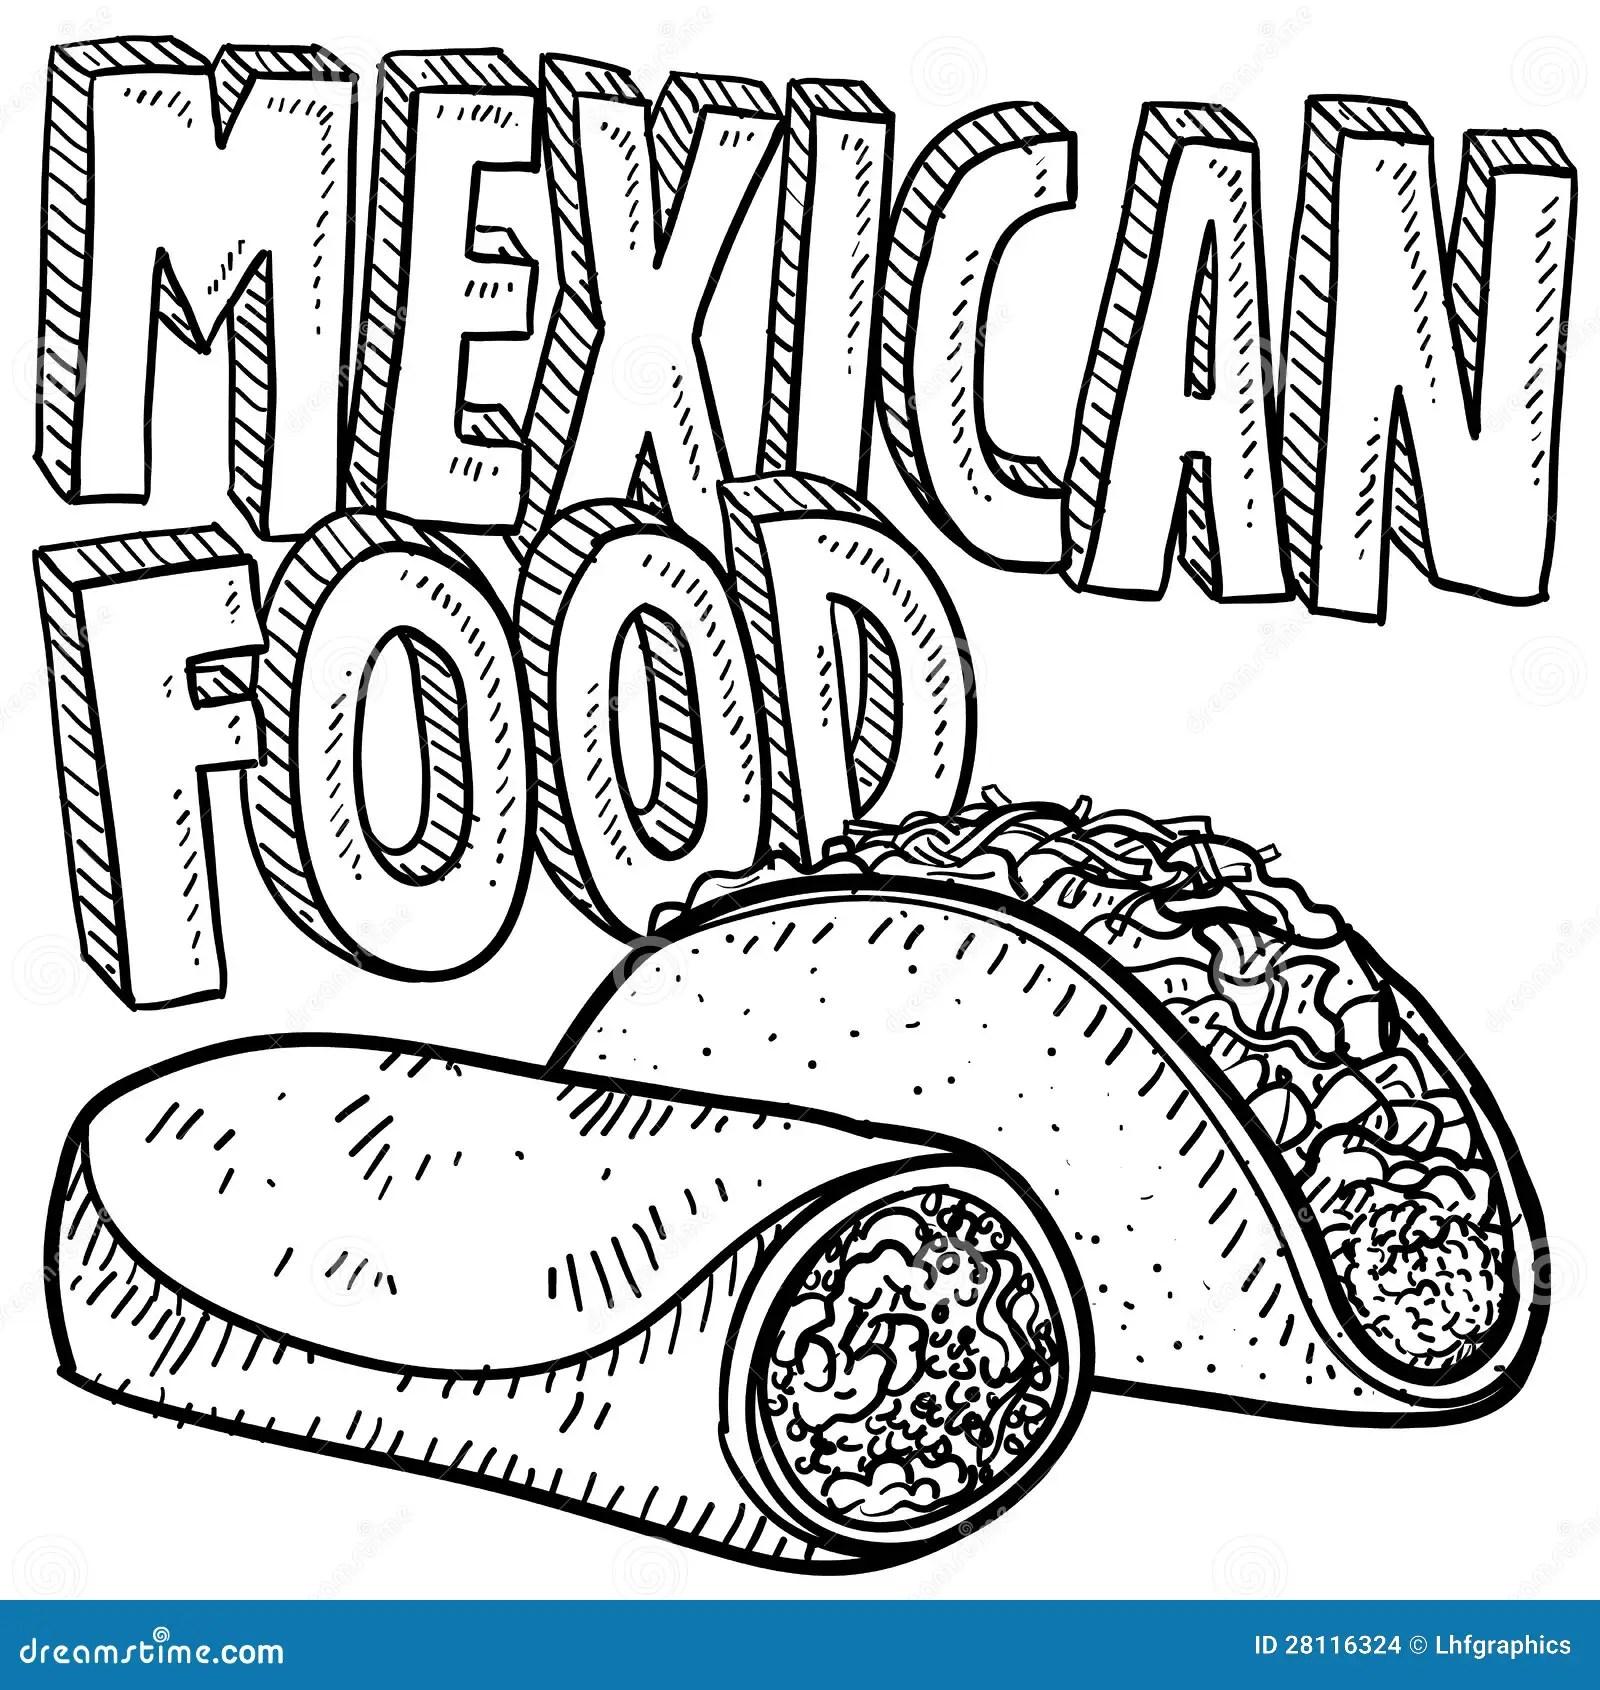 Mexikanische Nahrungsmittelskizze Vektor Abbildung